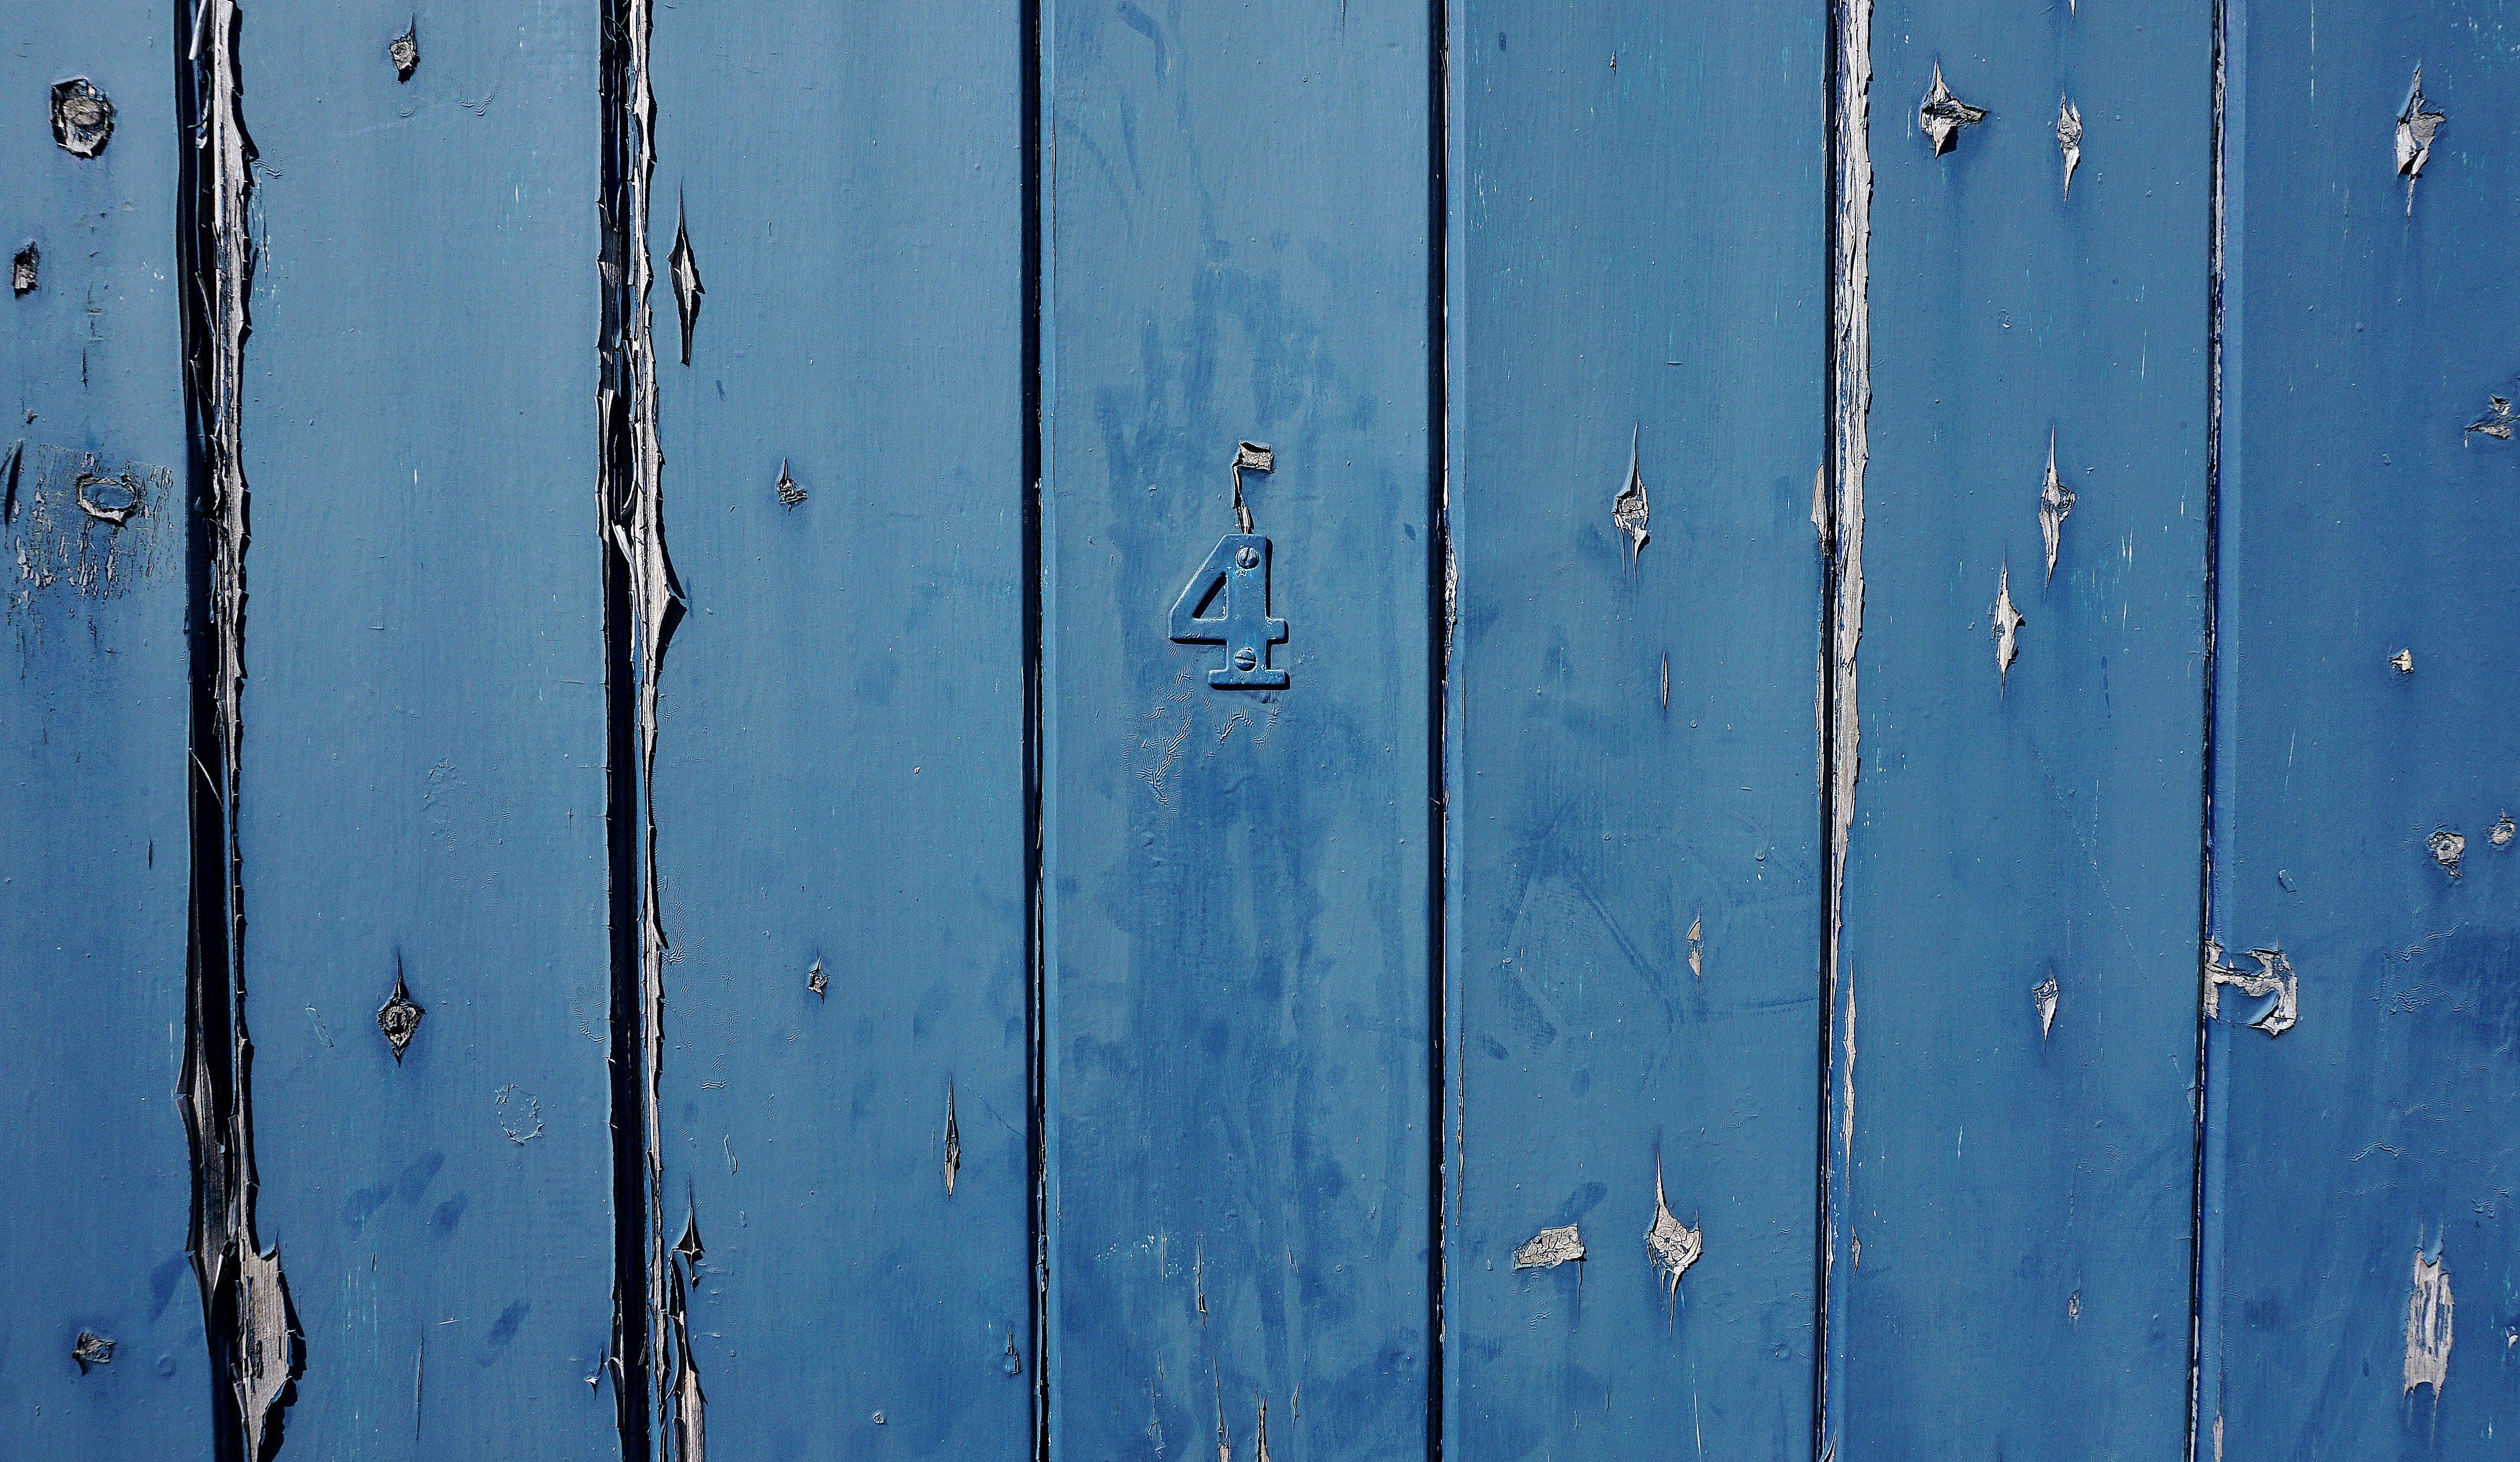 Kostenloses Stock Foto zu blau, eingang, holz, hölzern